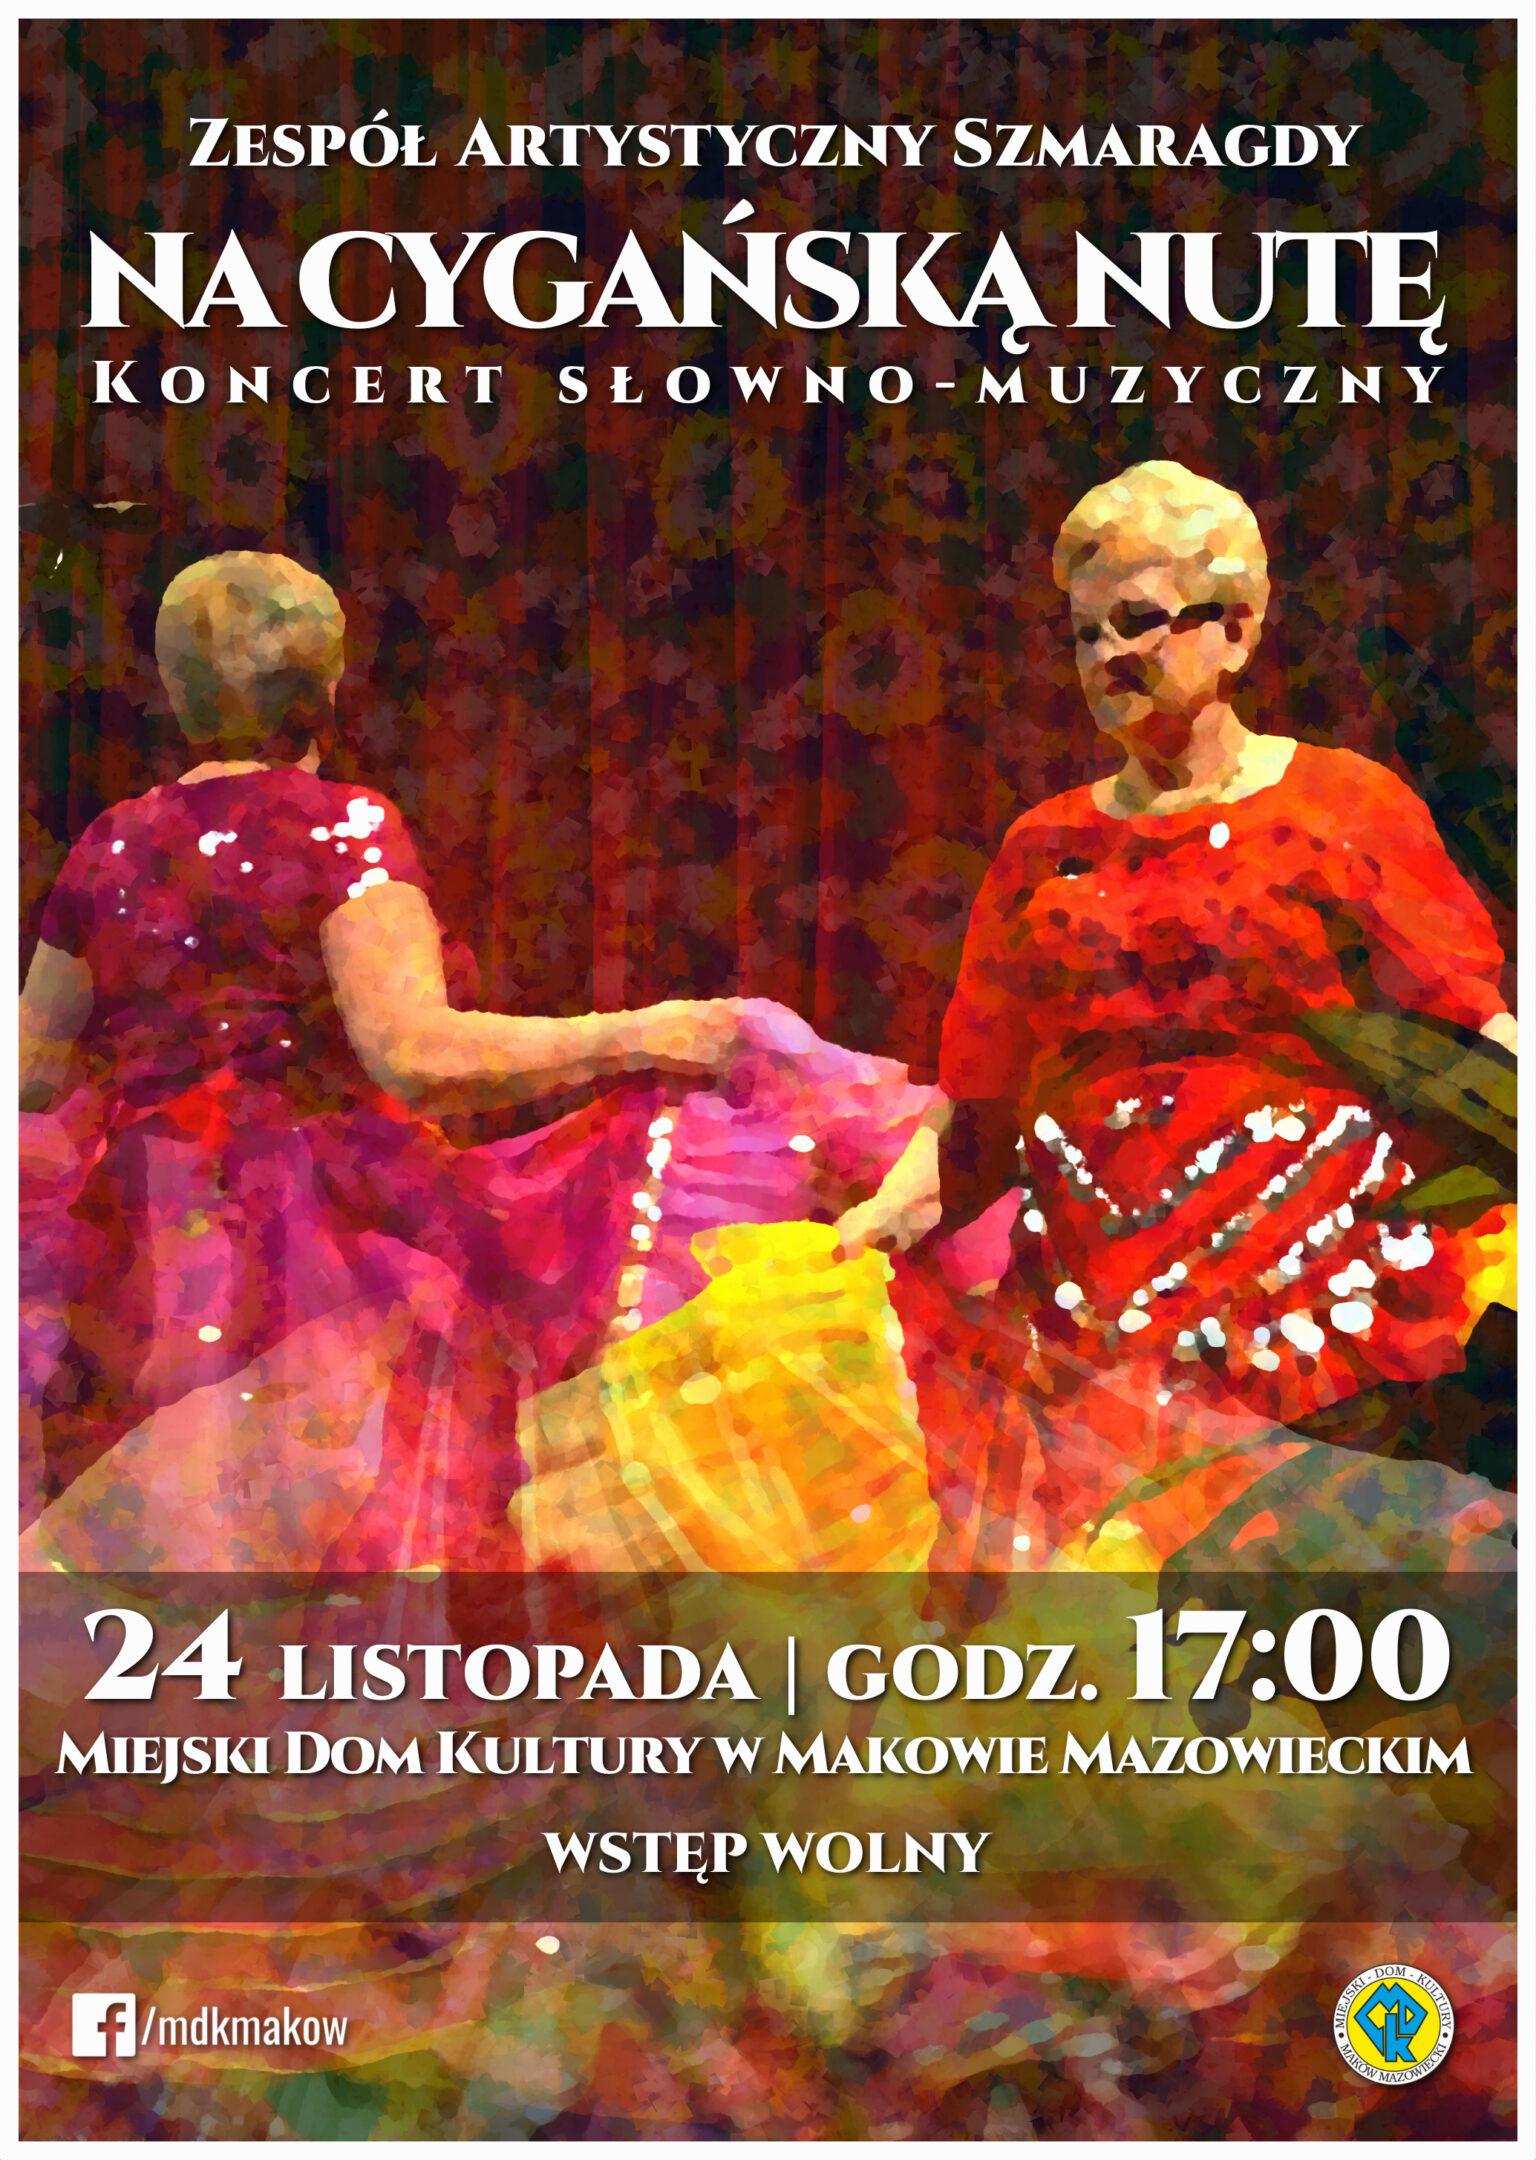 Plakat. Na plakacie znajdują się dwie tańczące kobiety w strojach cygańskich. Nagurze znajduje się tekst Zespół Artystyczny Szmaragdy. Tytuł Na cygańska nutę koncert słowno - muzyczny. 24 listopada godzina 17:00